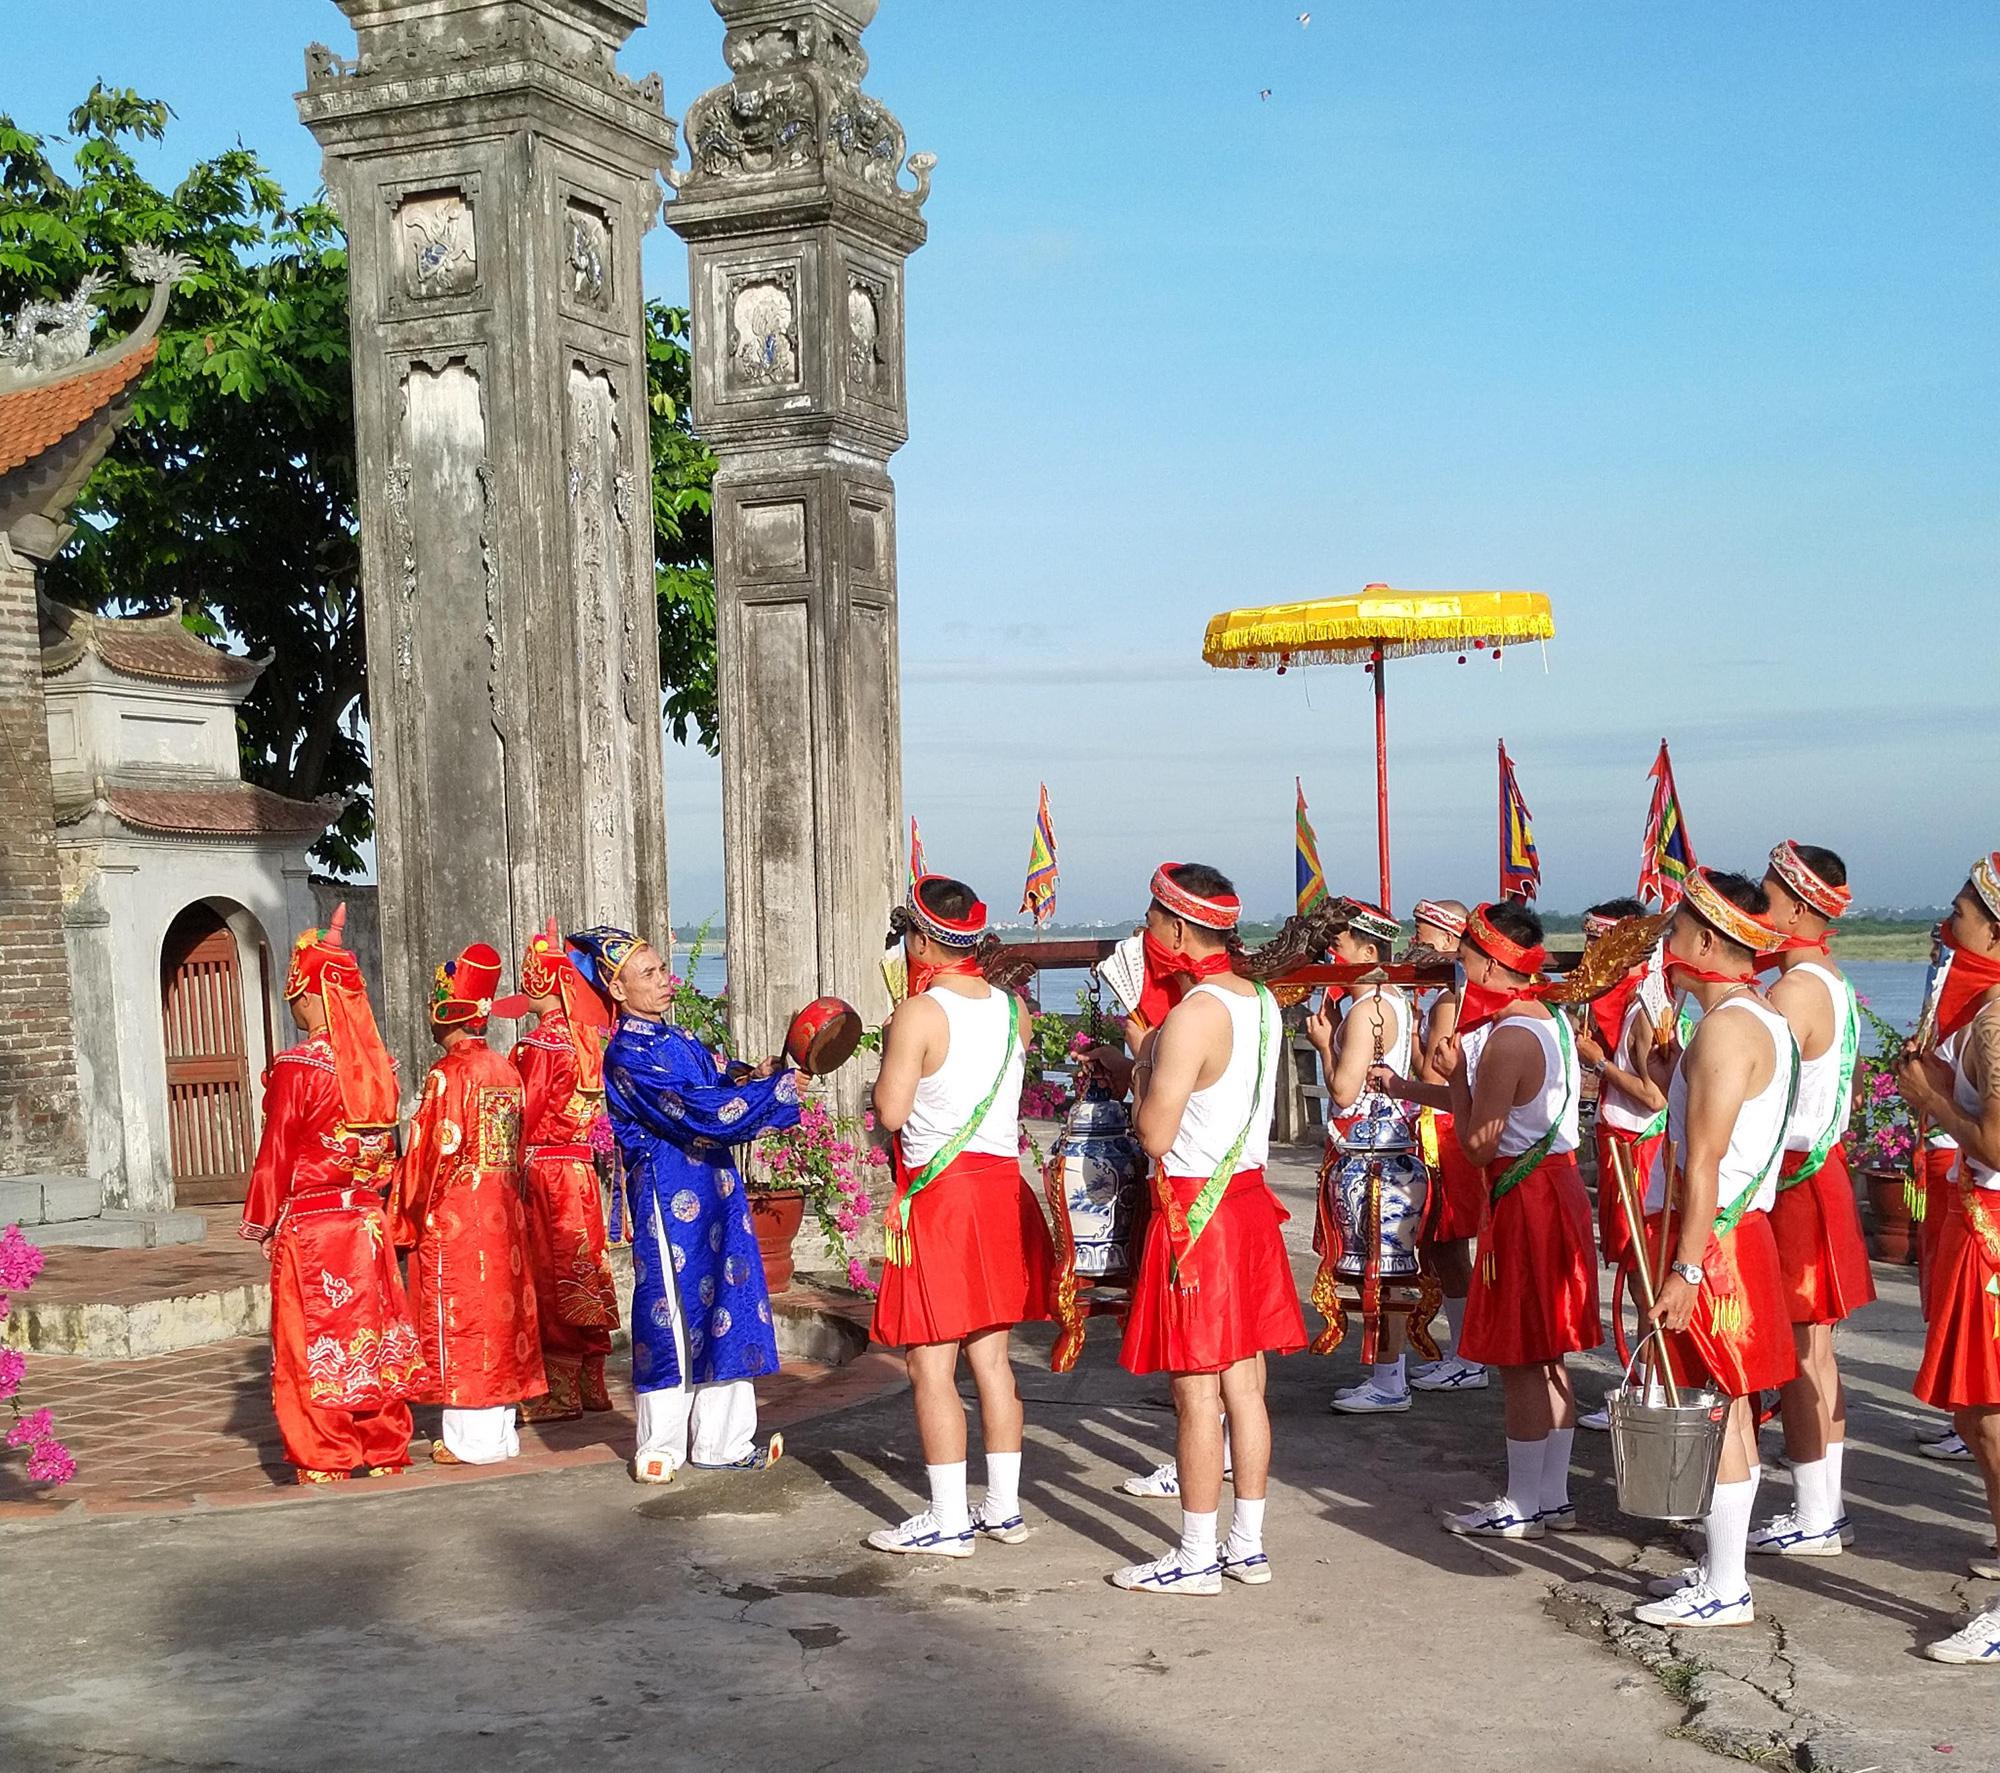 Kể chuyện làng: Làng Chèm có ngôi đình cổ nhất Việt Nam - Ảnh 1.